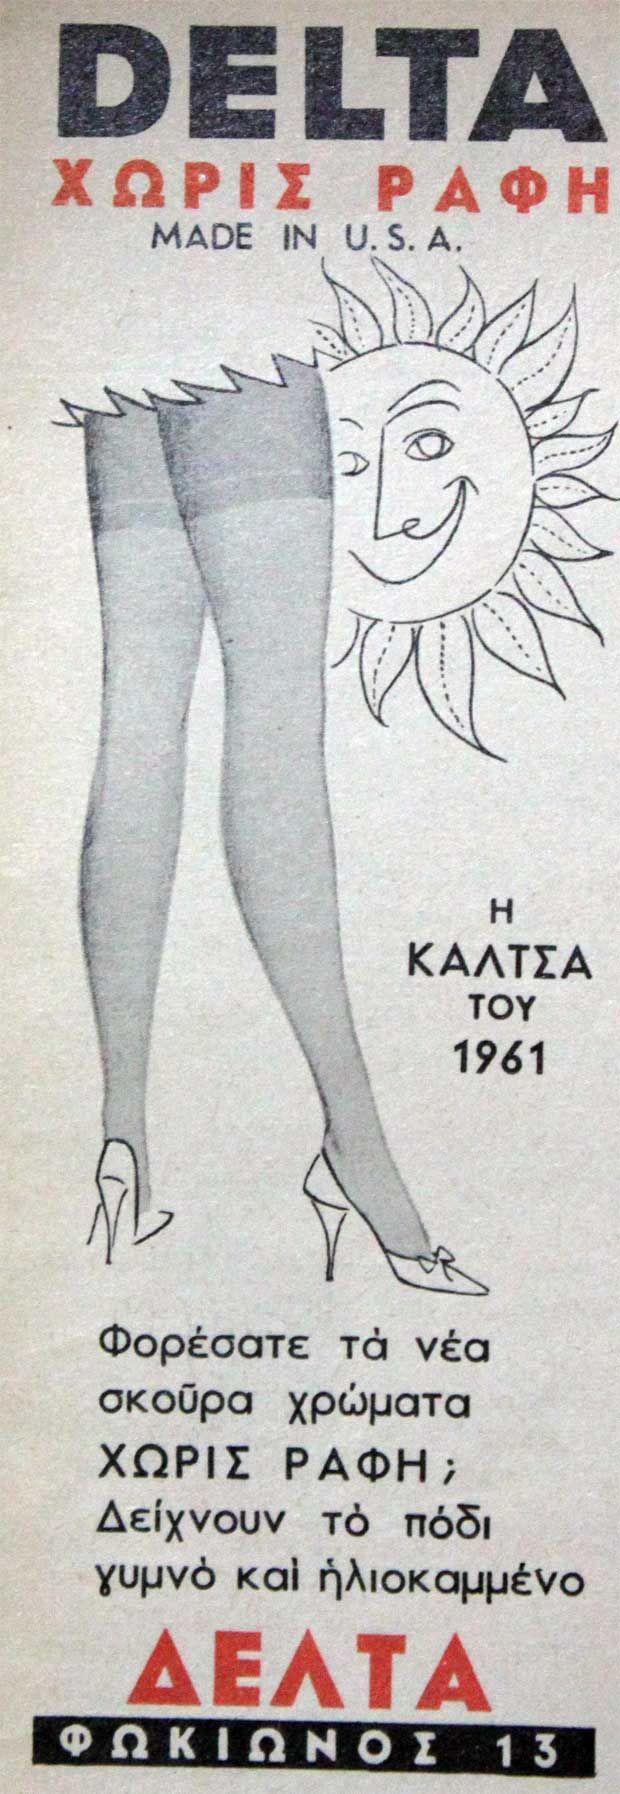 seamless stockings -ithaquegr_palies_diafimiseis_delta